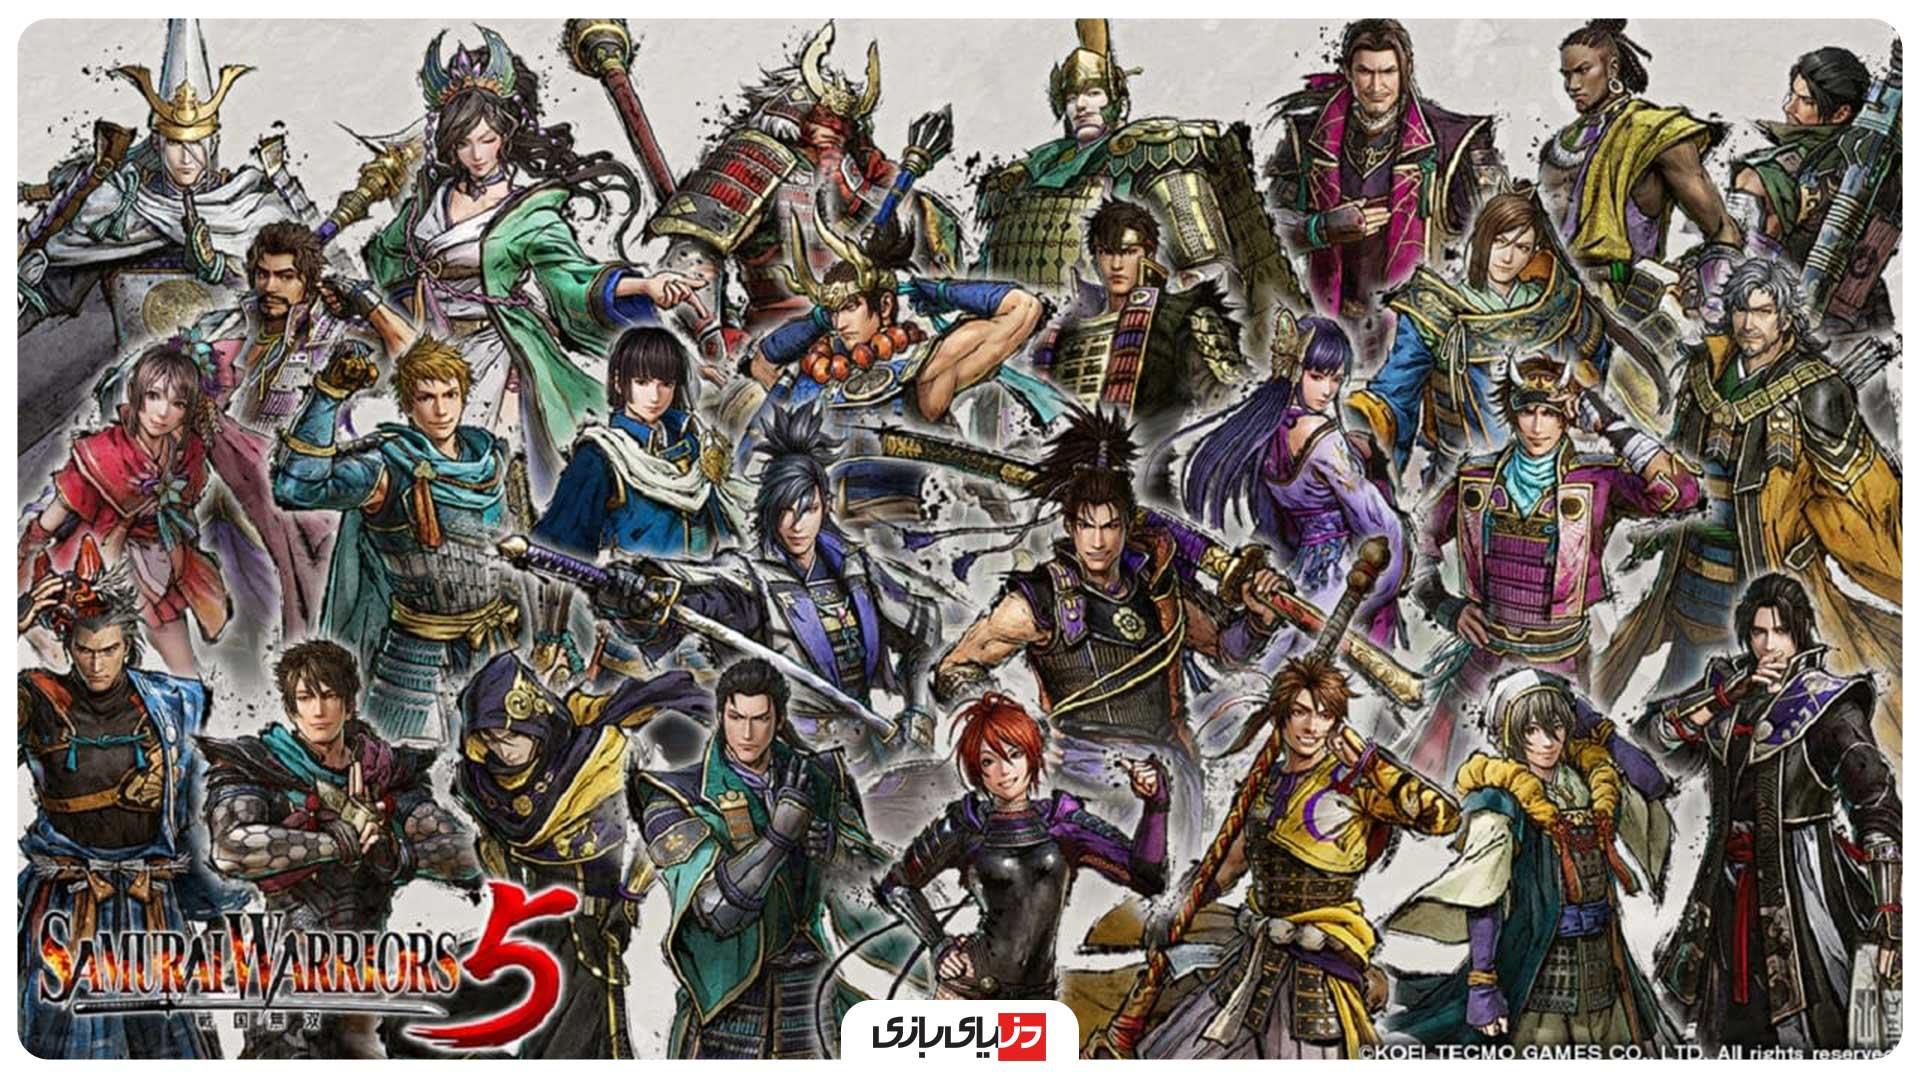 بررسی بازی Samurai Warriors 5